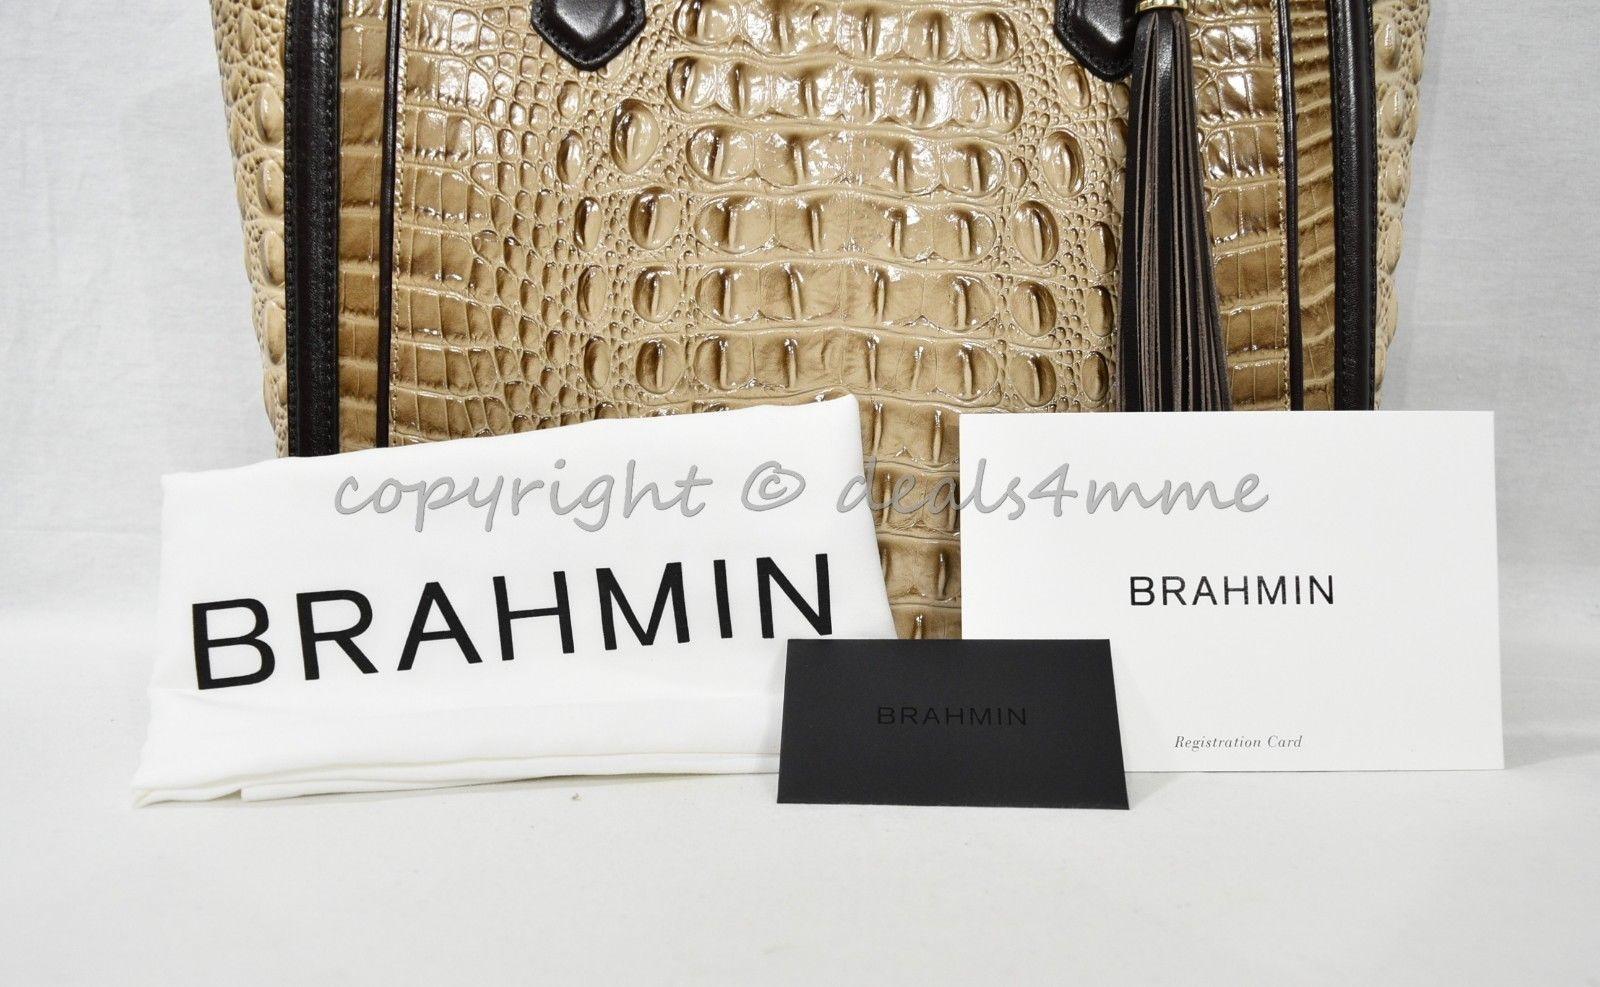 NWT  Brahmin Medium Lena Leather Tote/Shoulder Bag in Travertine Vermeer image 8